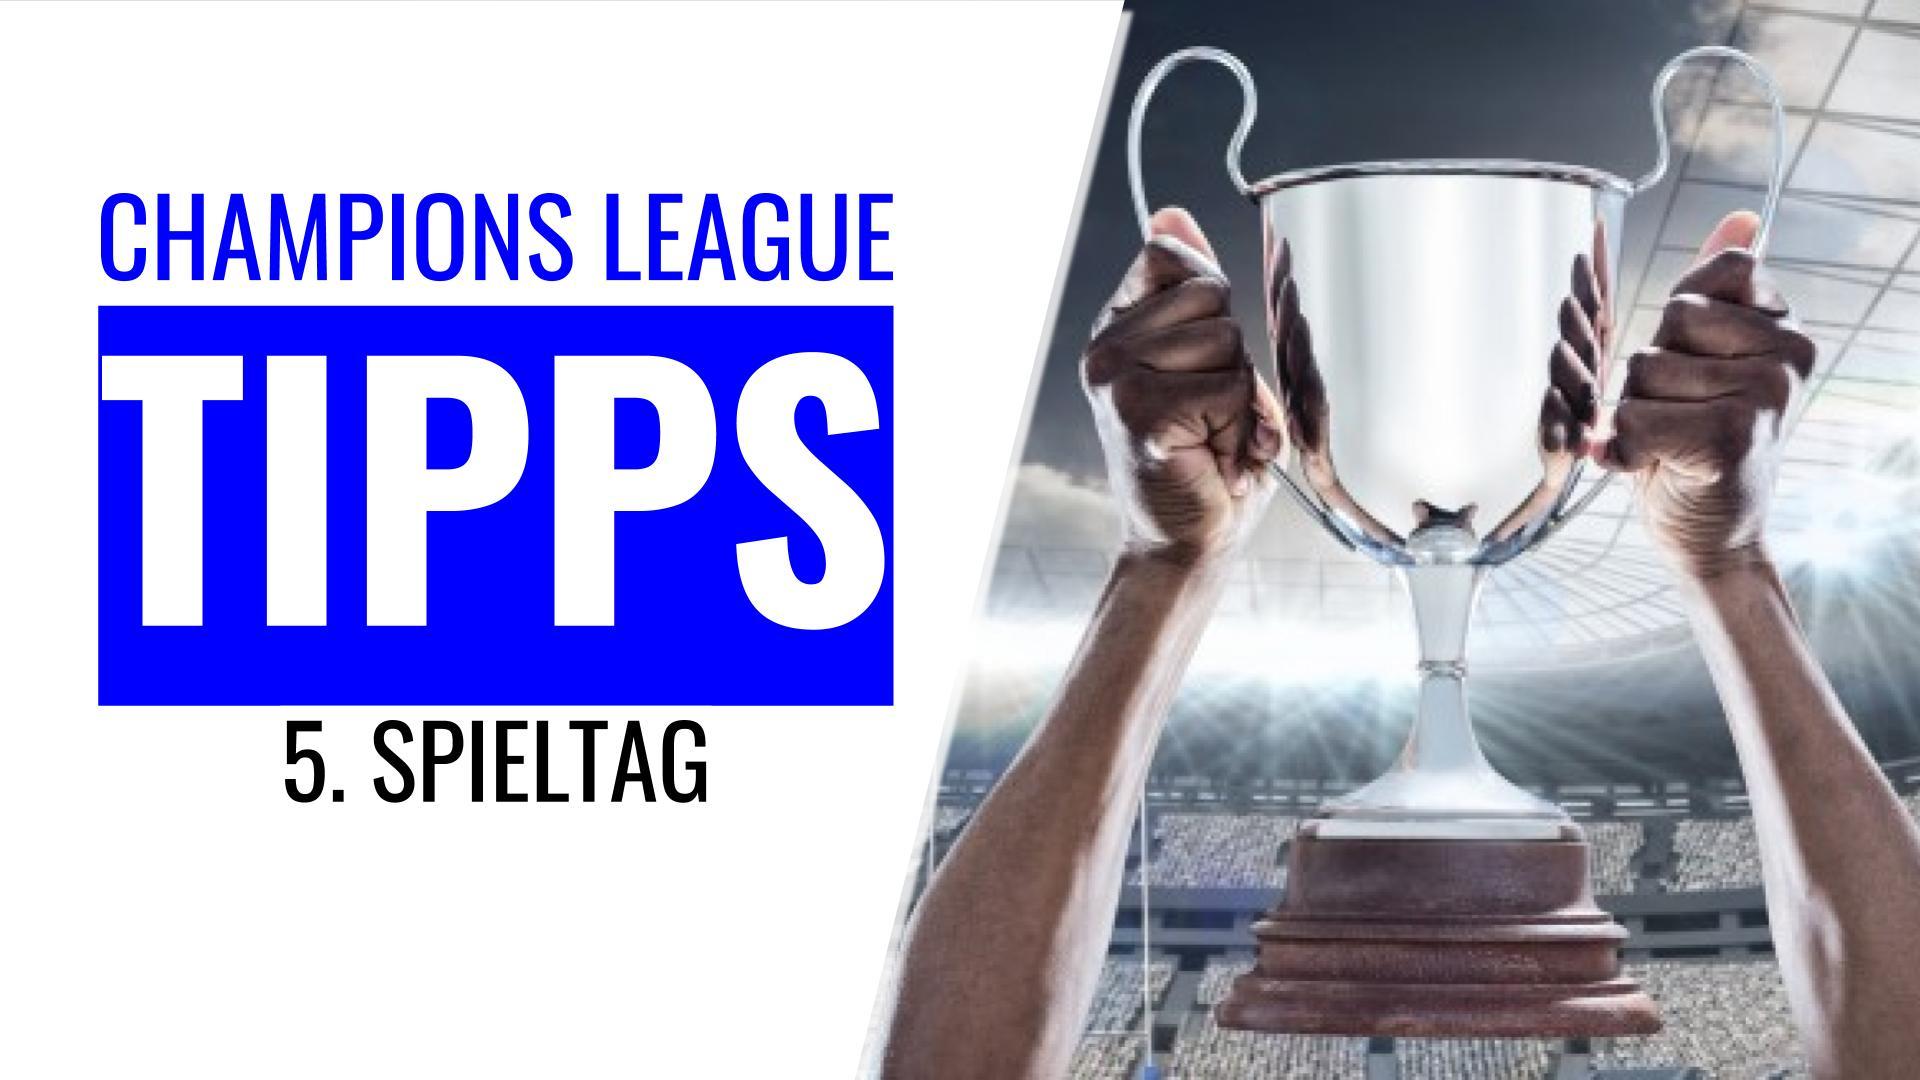 CHAMPIONS LEAGUE TIPPS zum 5. Spieltag 2020 / 2021